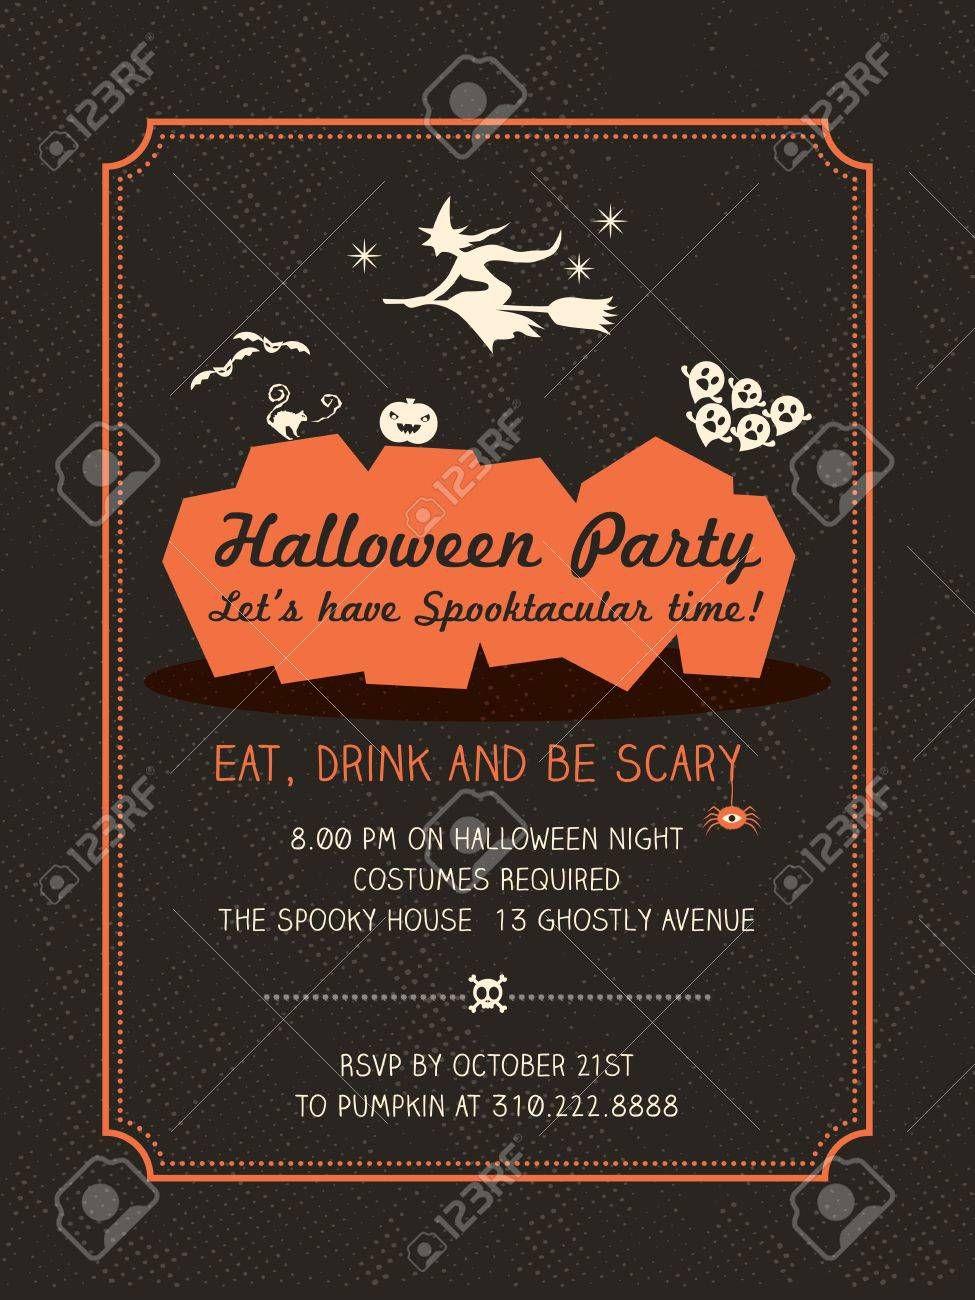 005 Stunning Halloween Party Invitation Template Example  Microsoft Block OctoberFull